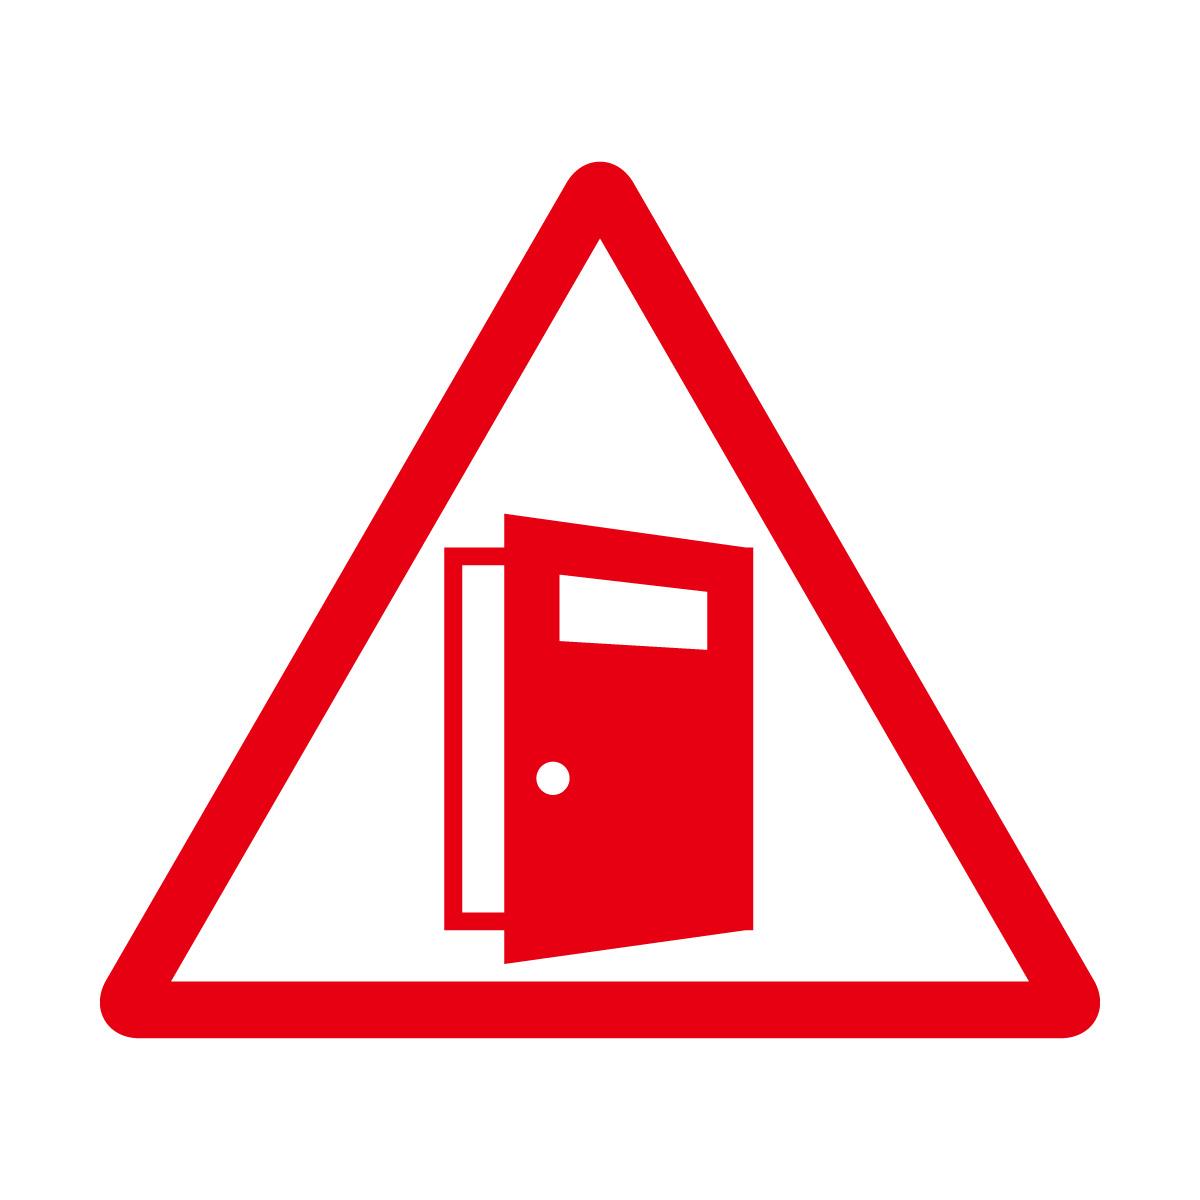 赤色の扉の開放注意マークのカッティングステッカー・シール